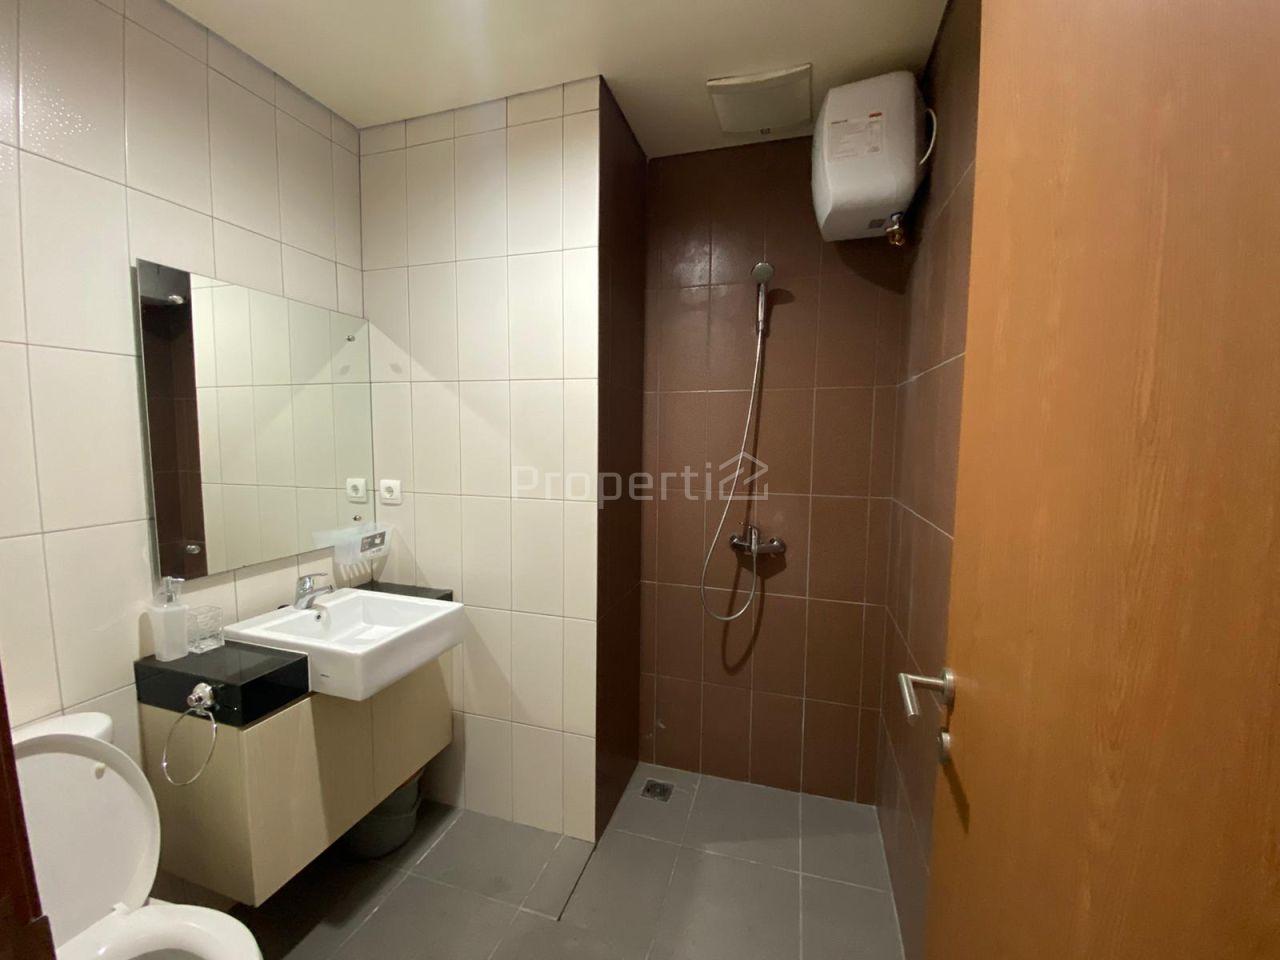 Unit Baru di Apartemen Dago Suites, Lantai 3, Kota Bandung